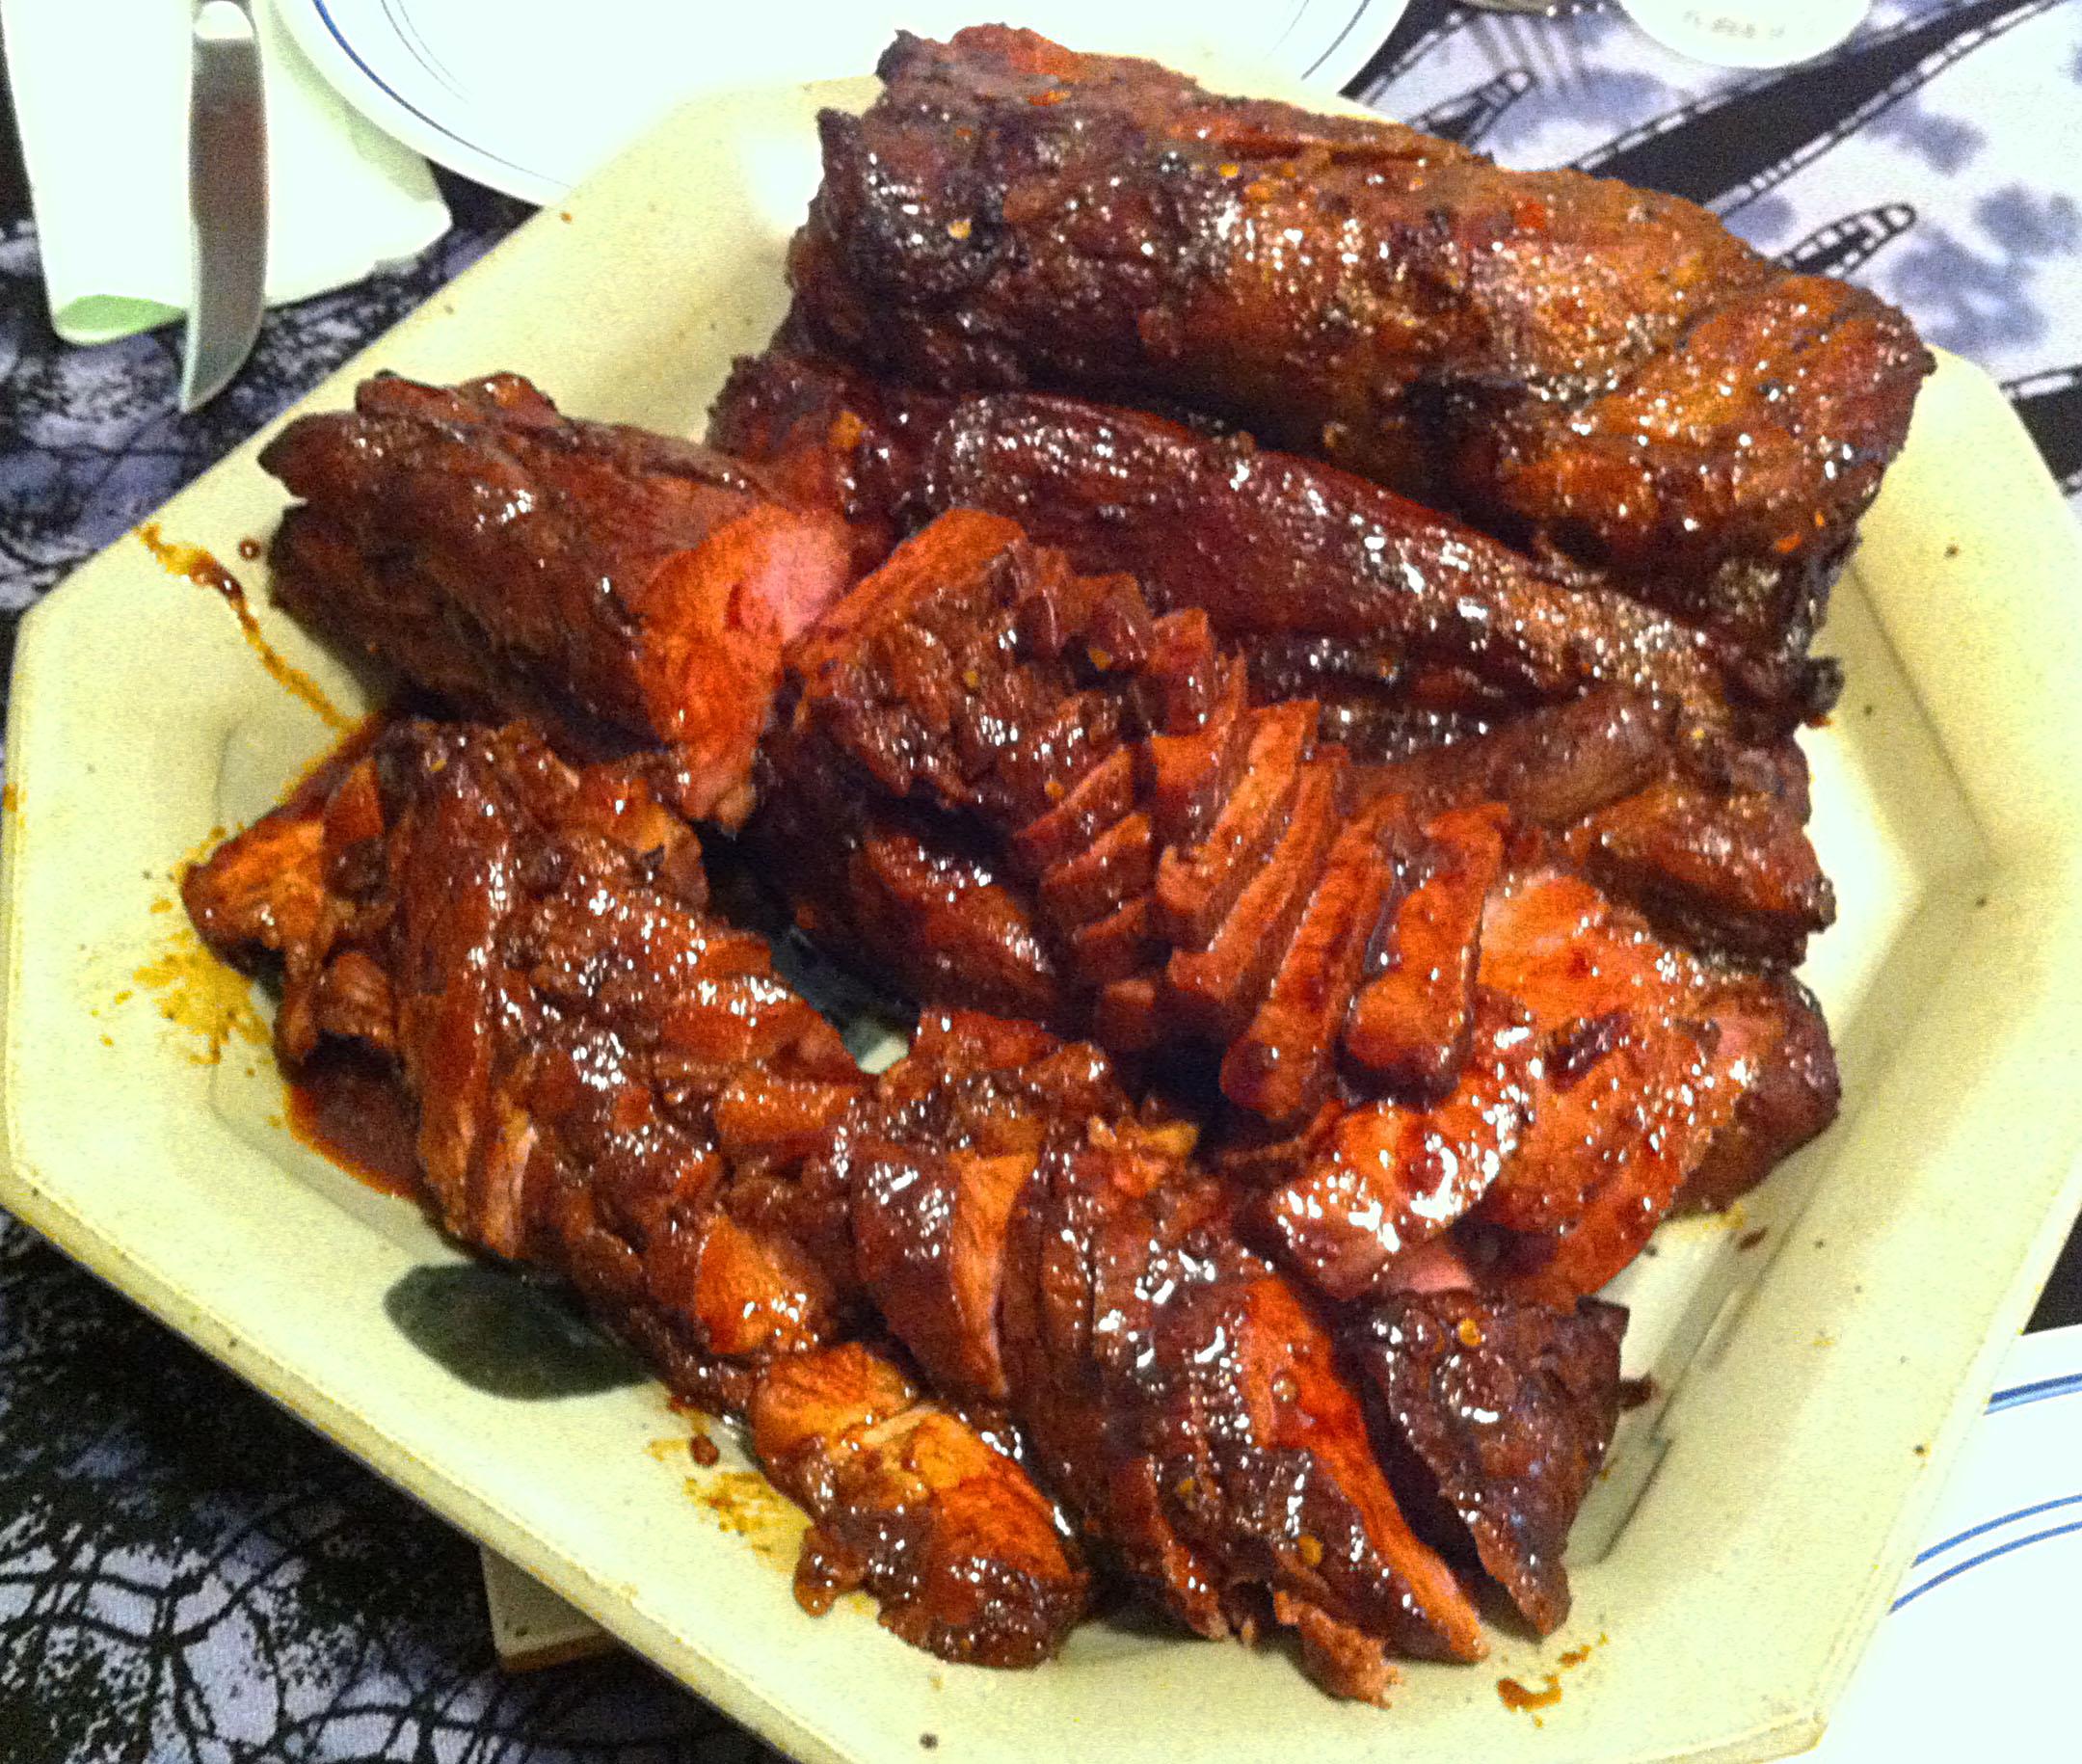 Karl's Char Siu (Chinese Barbecued Pork)